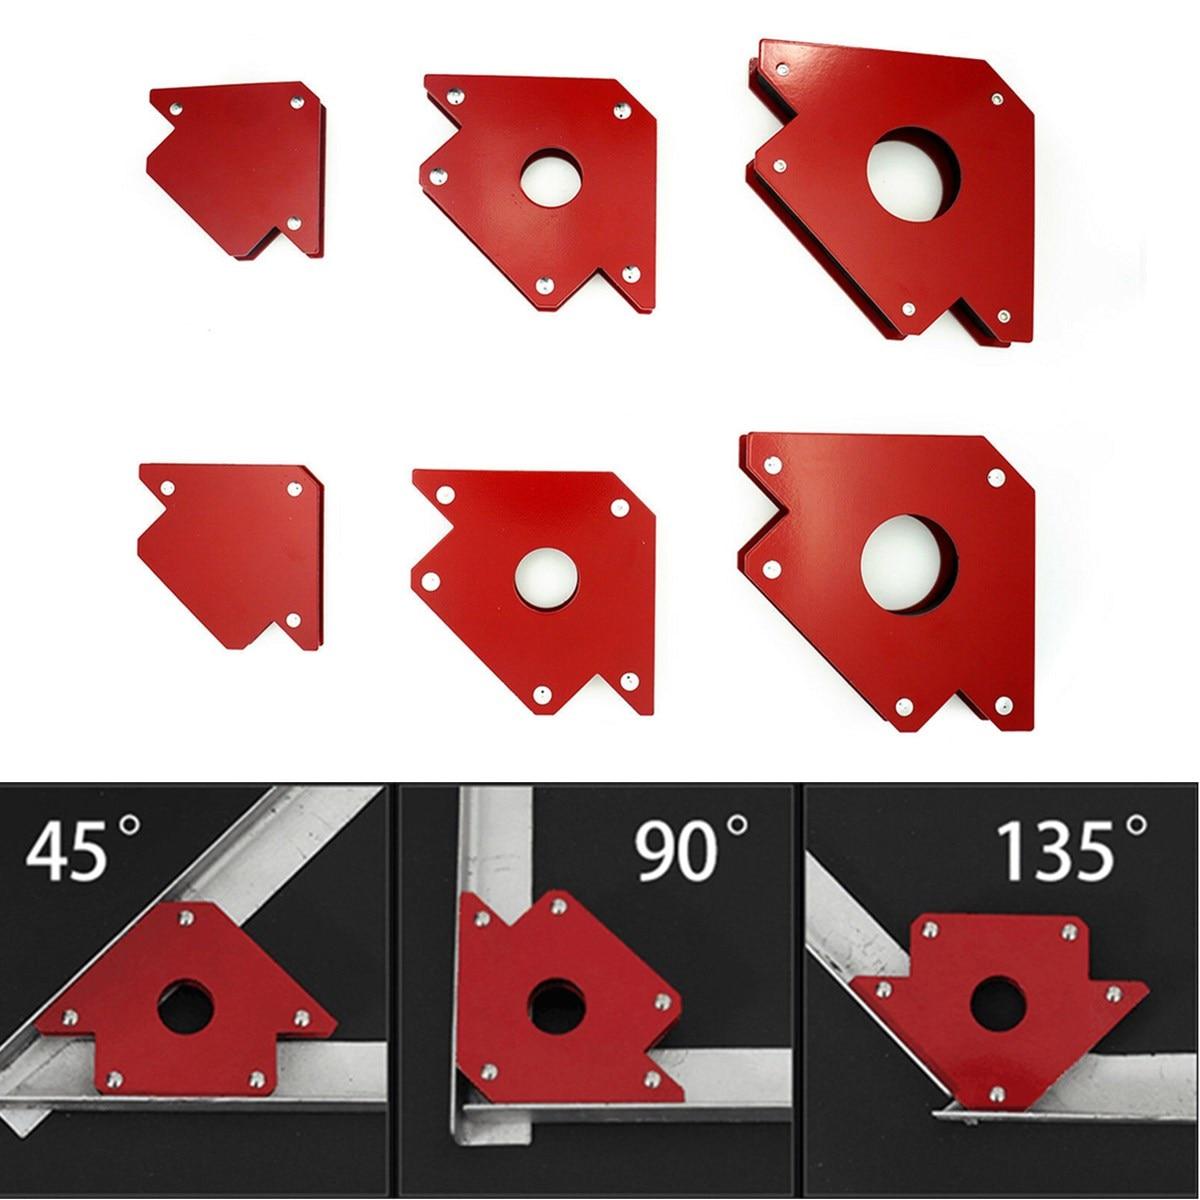 6 sztuk wielokątny magnes uchwyt spawalniczy strzałka zacisk magnetyczny do spawania magnes 2x9lbs 2x 25lbs 2x 25lbs Mig narzędzia